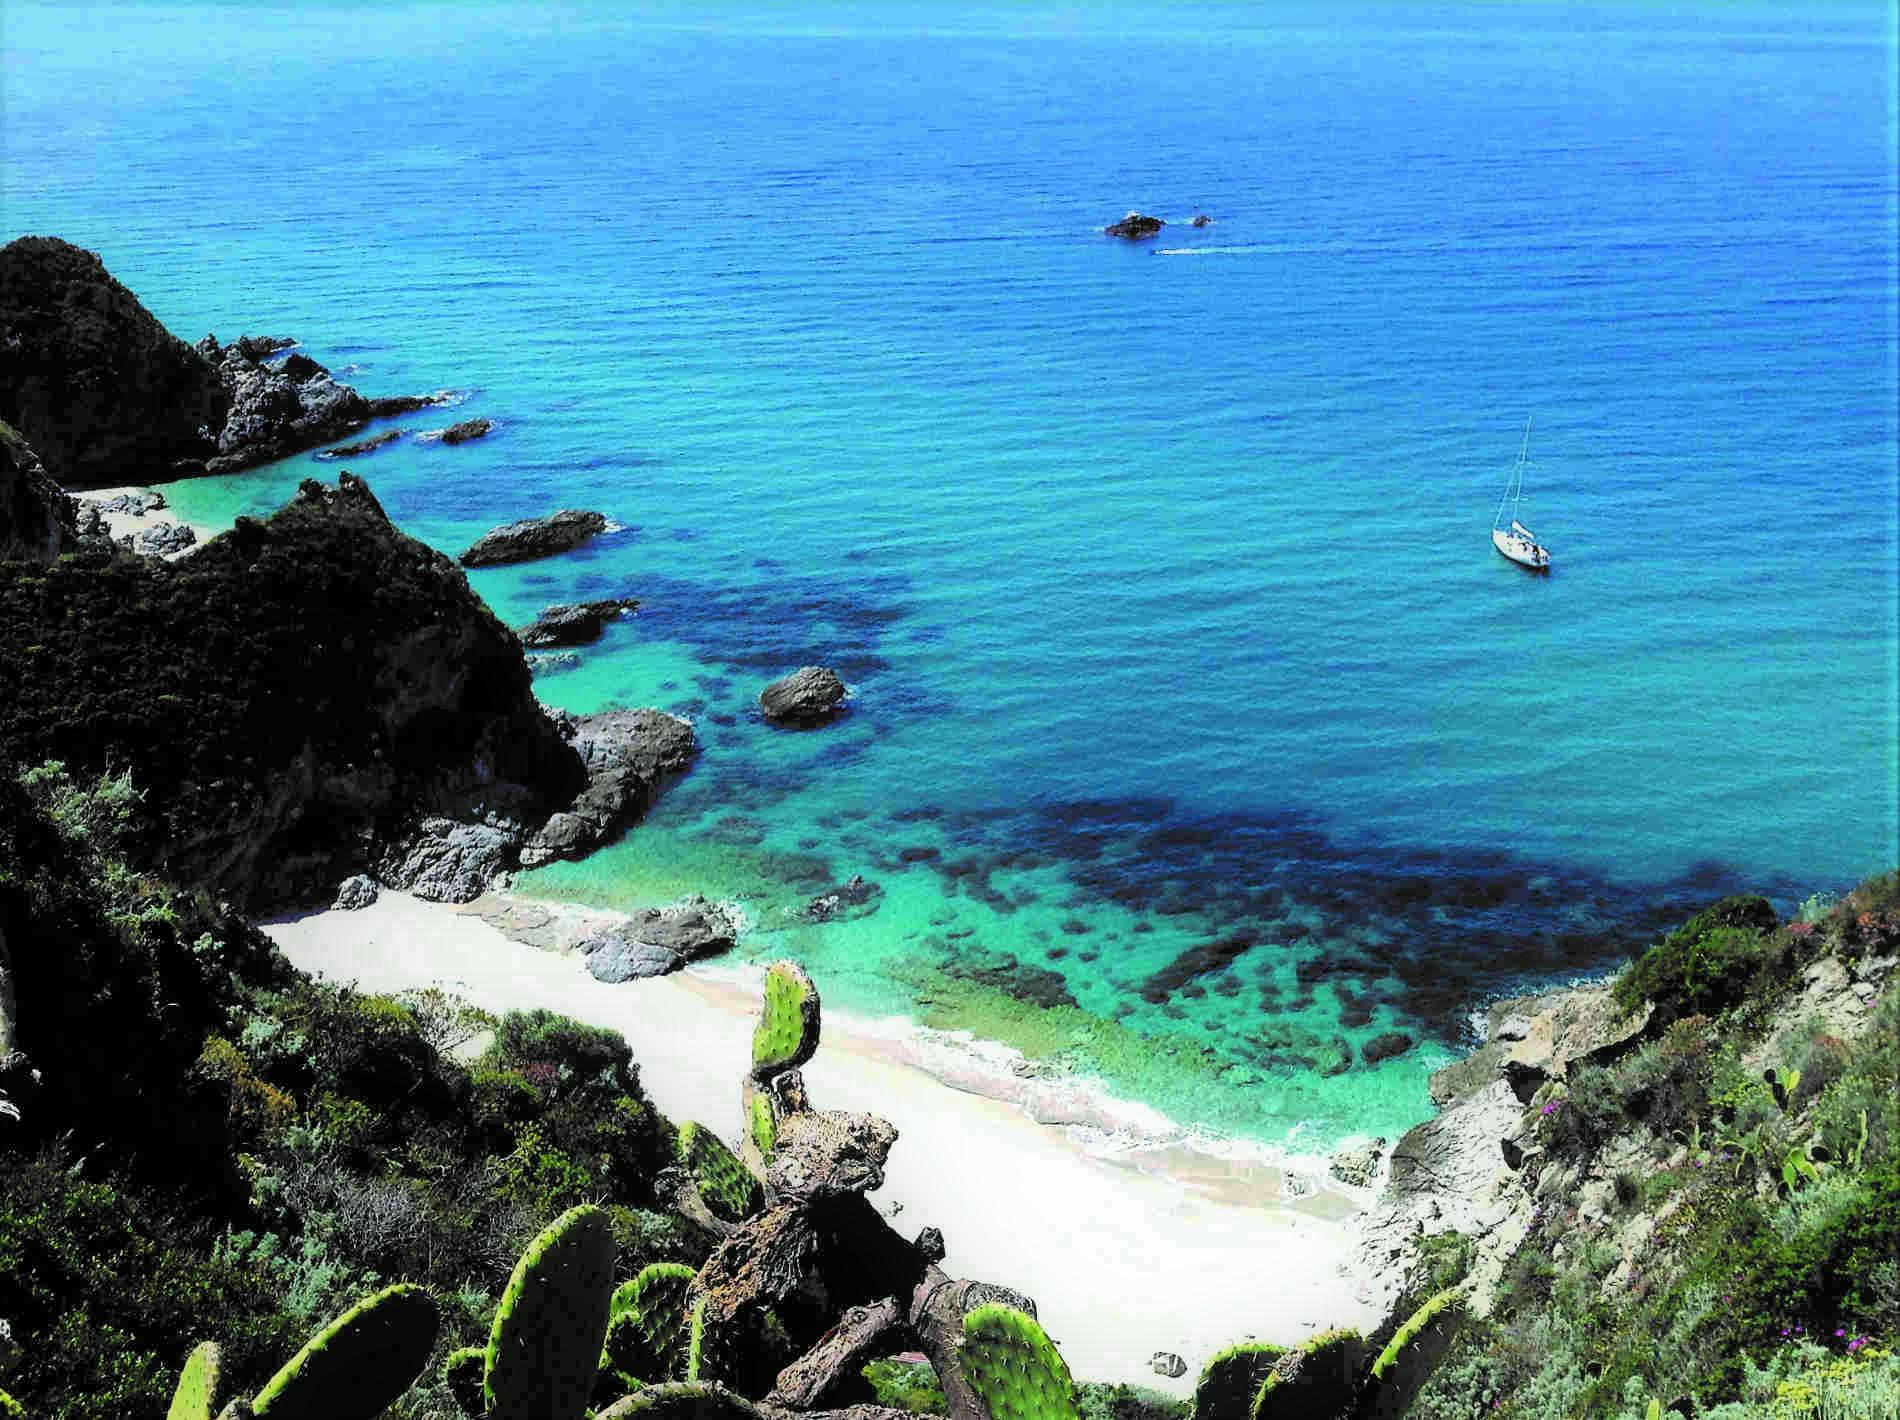 Spiaggia di Capo Vaticano vista dall'alto. Informazioni sulla guida turistica Pronto Estate 2020.Calabria